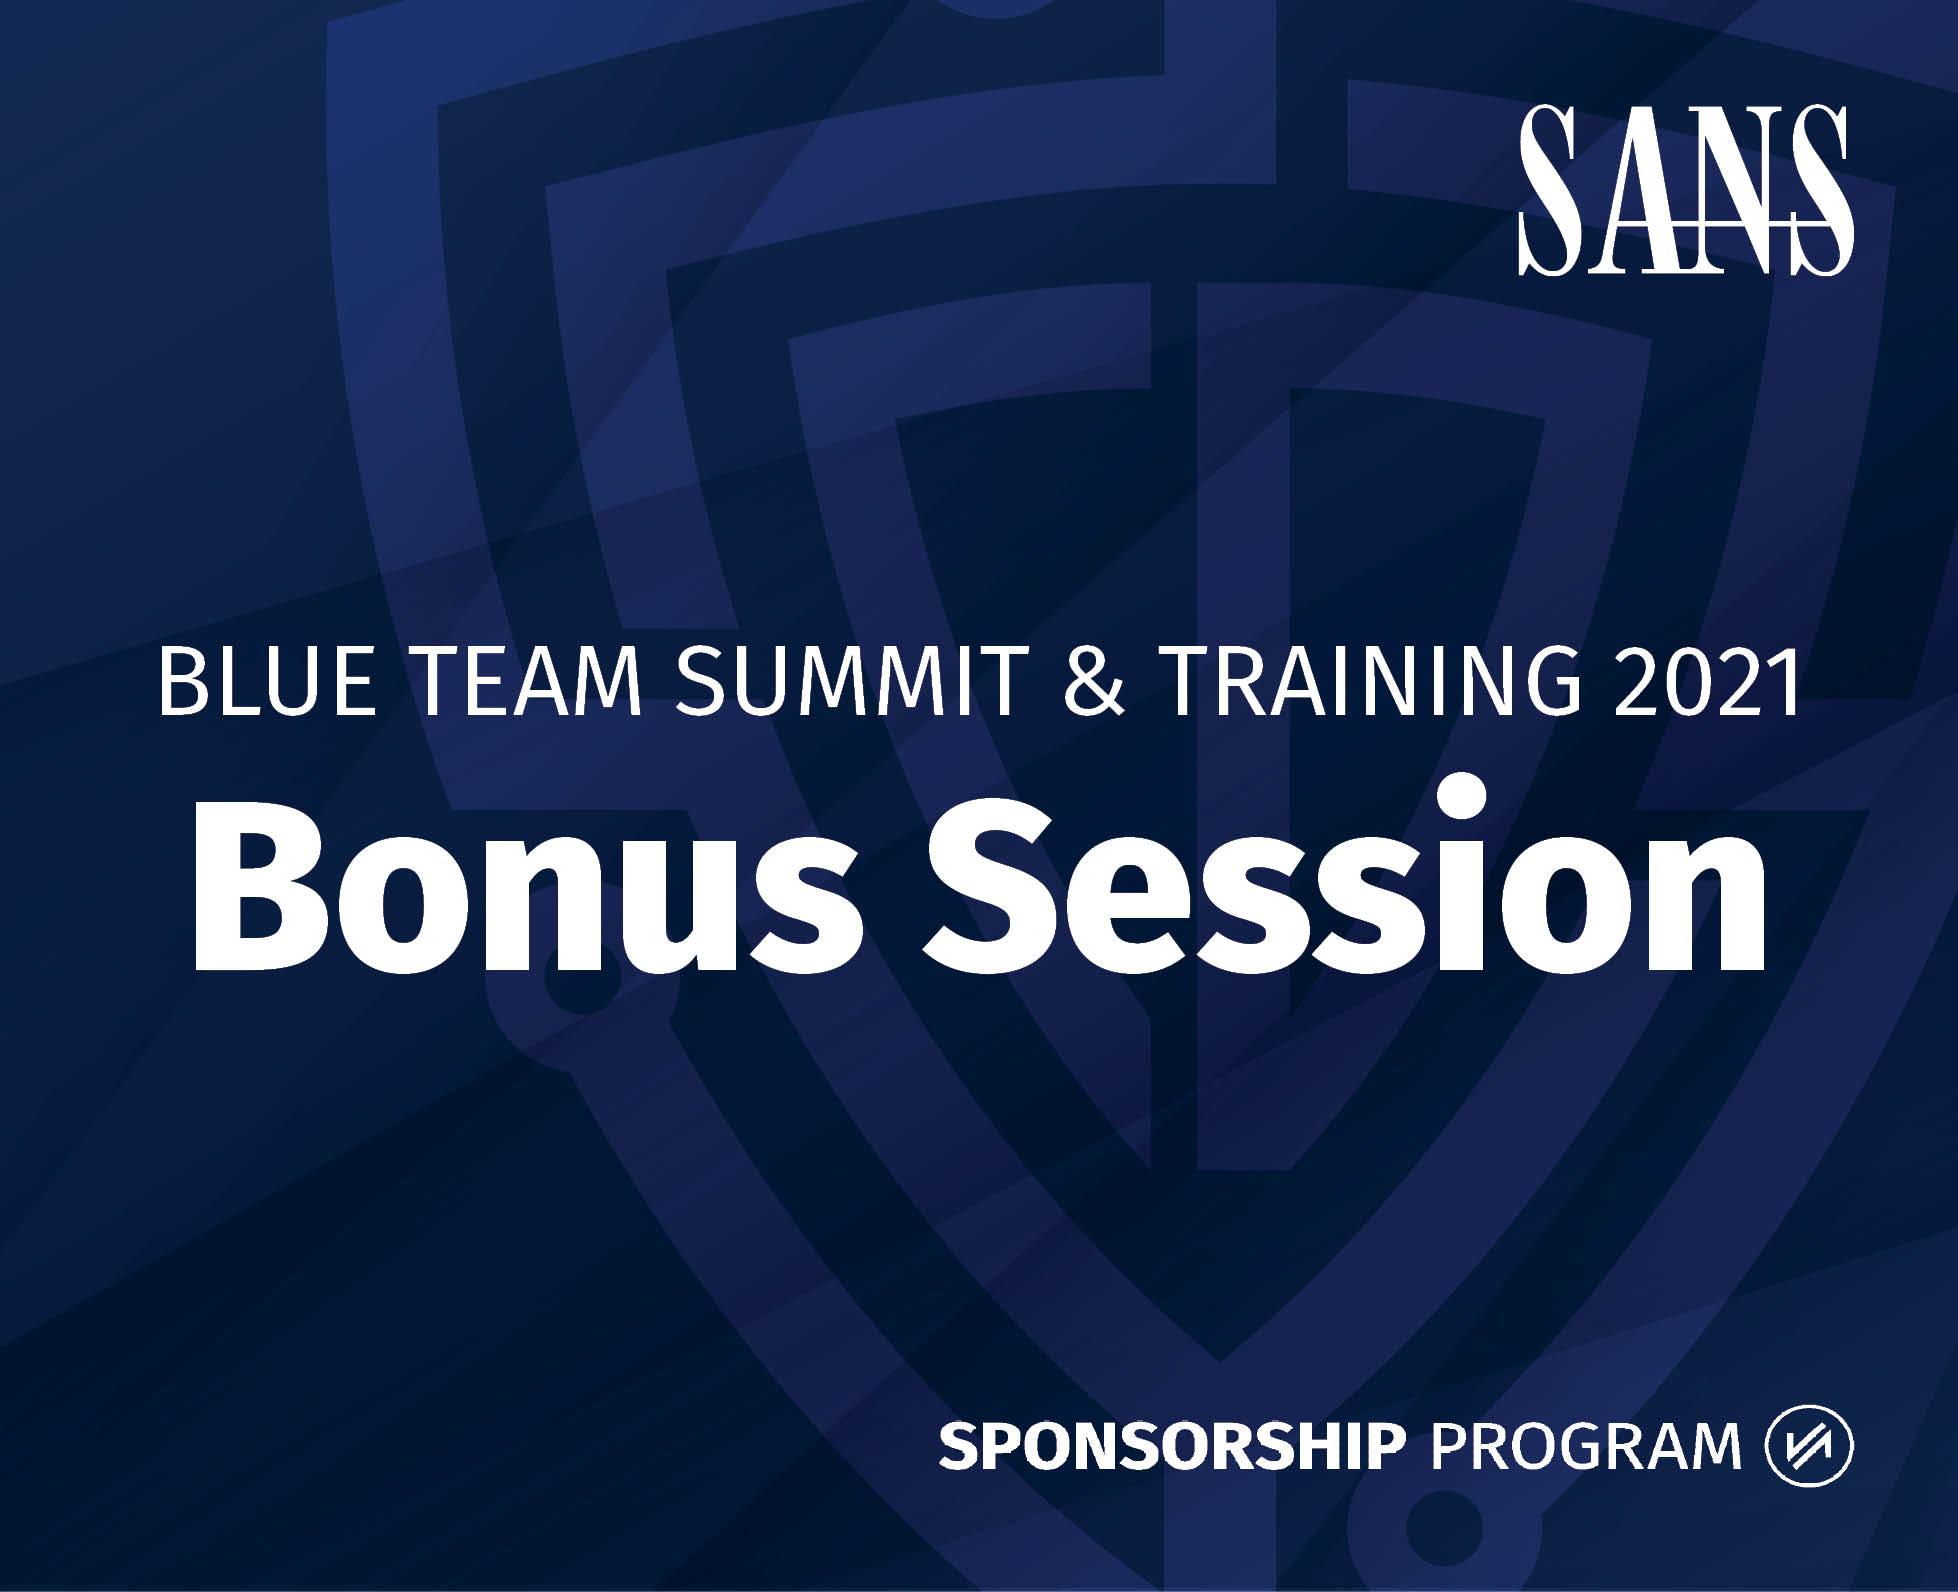 Blue_Team_Summit_Bonus_Session.jpg